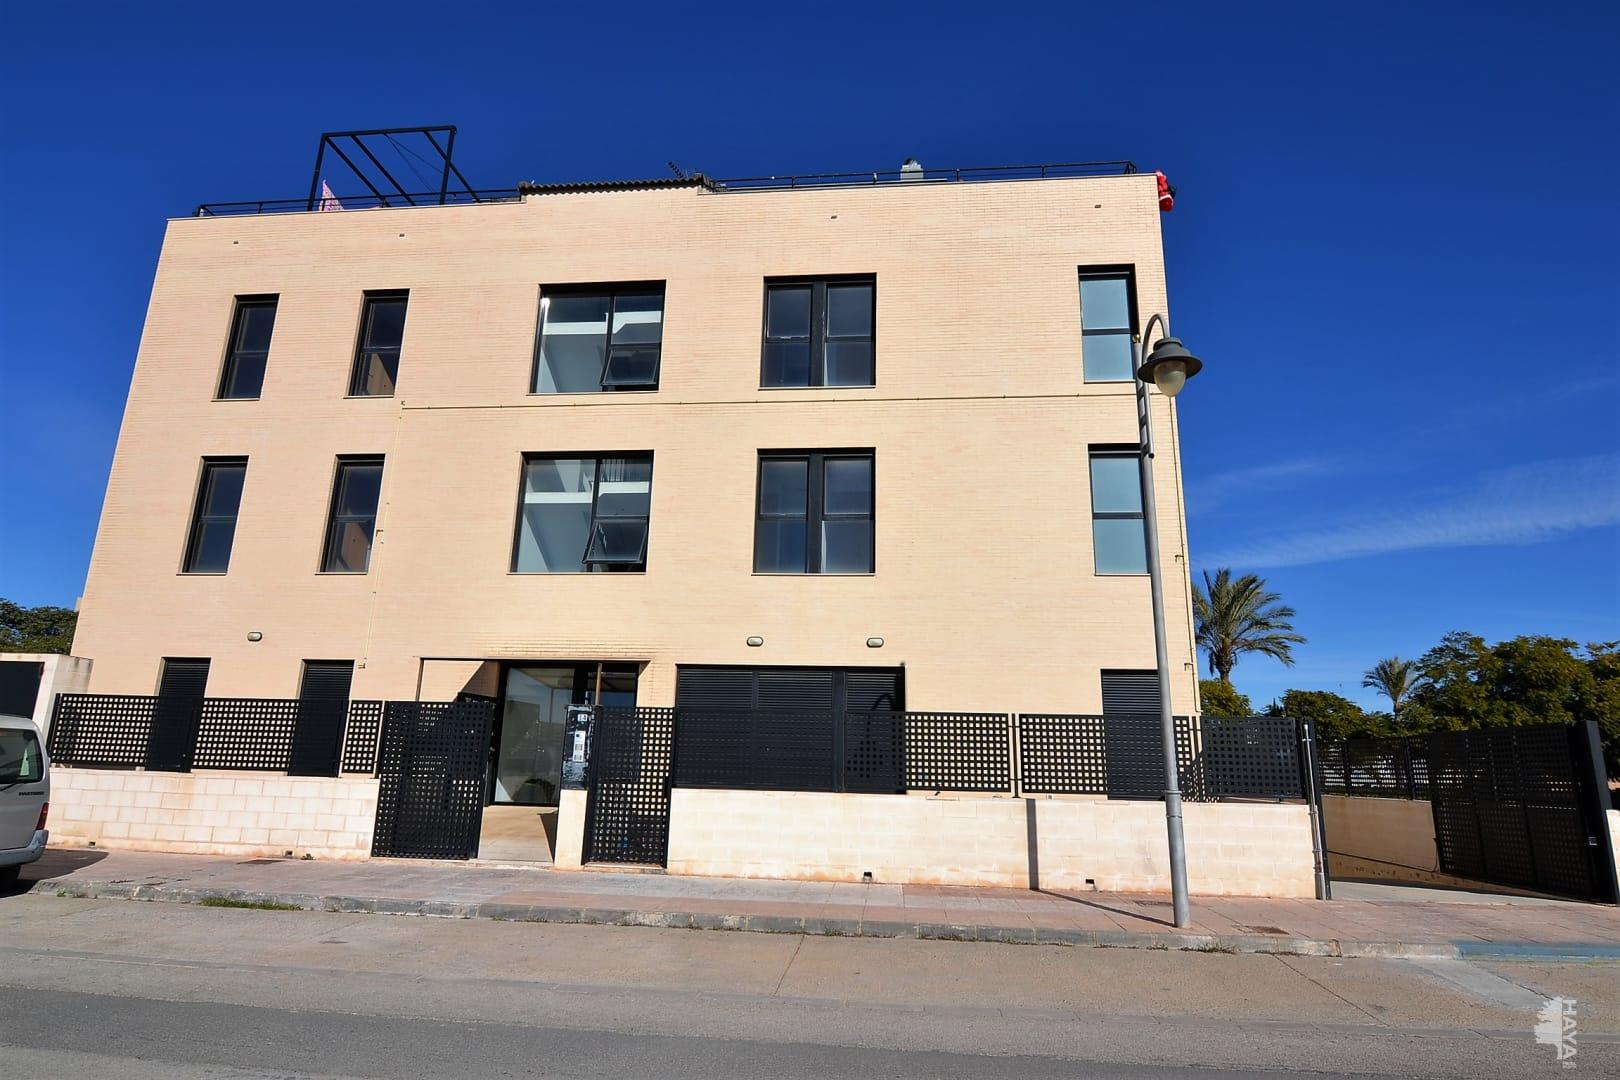 Piso en venta en Museros, Museros, Valencia, Avenida Senyera, 122.900 €, 2 habitaciones, 2 baños, 75 m2